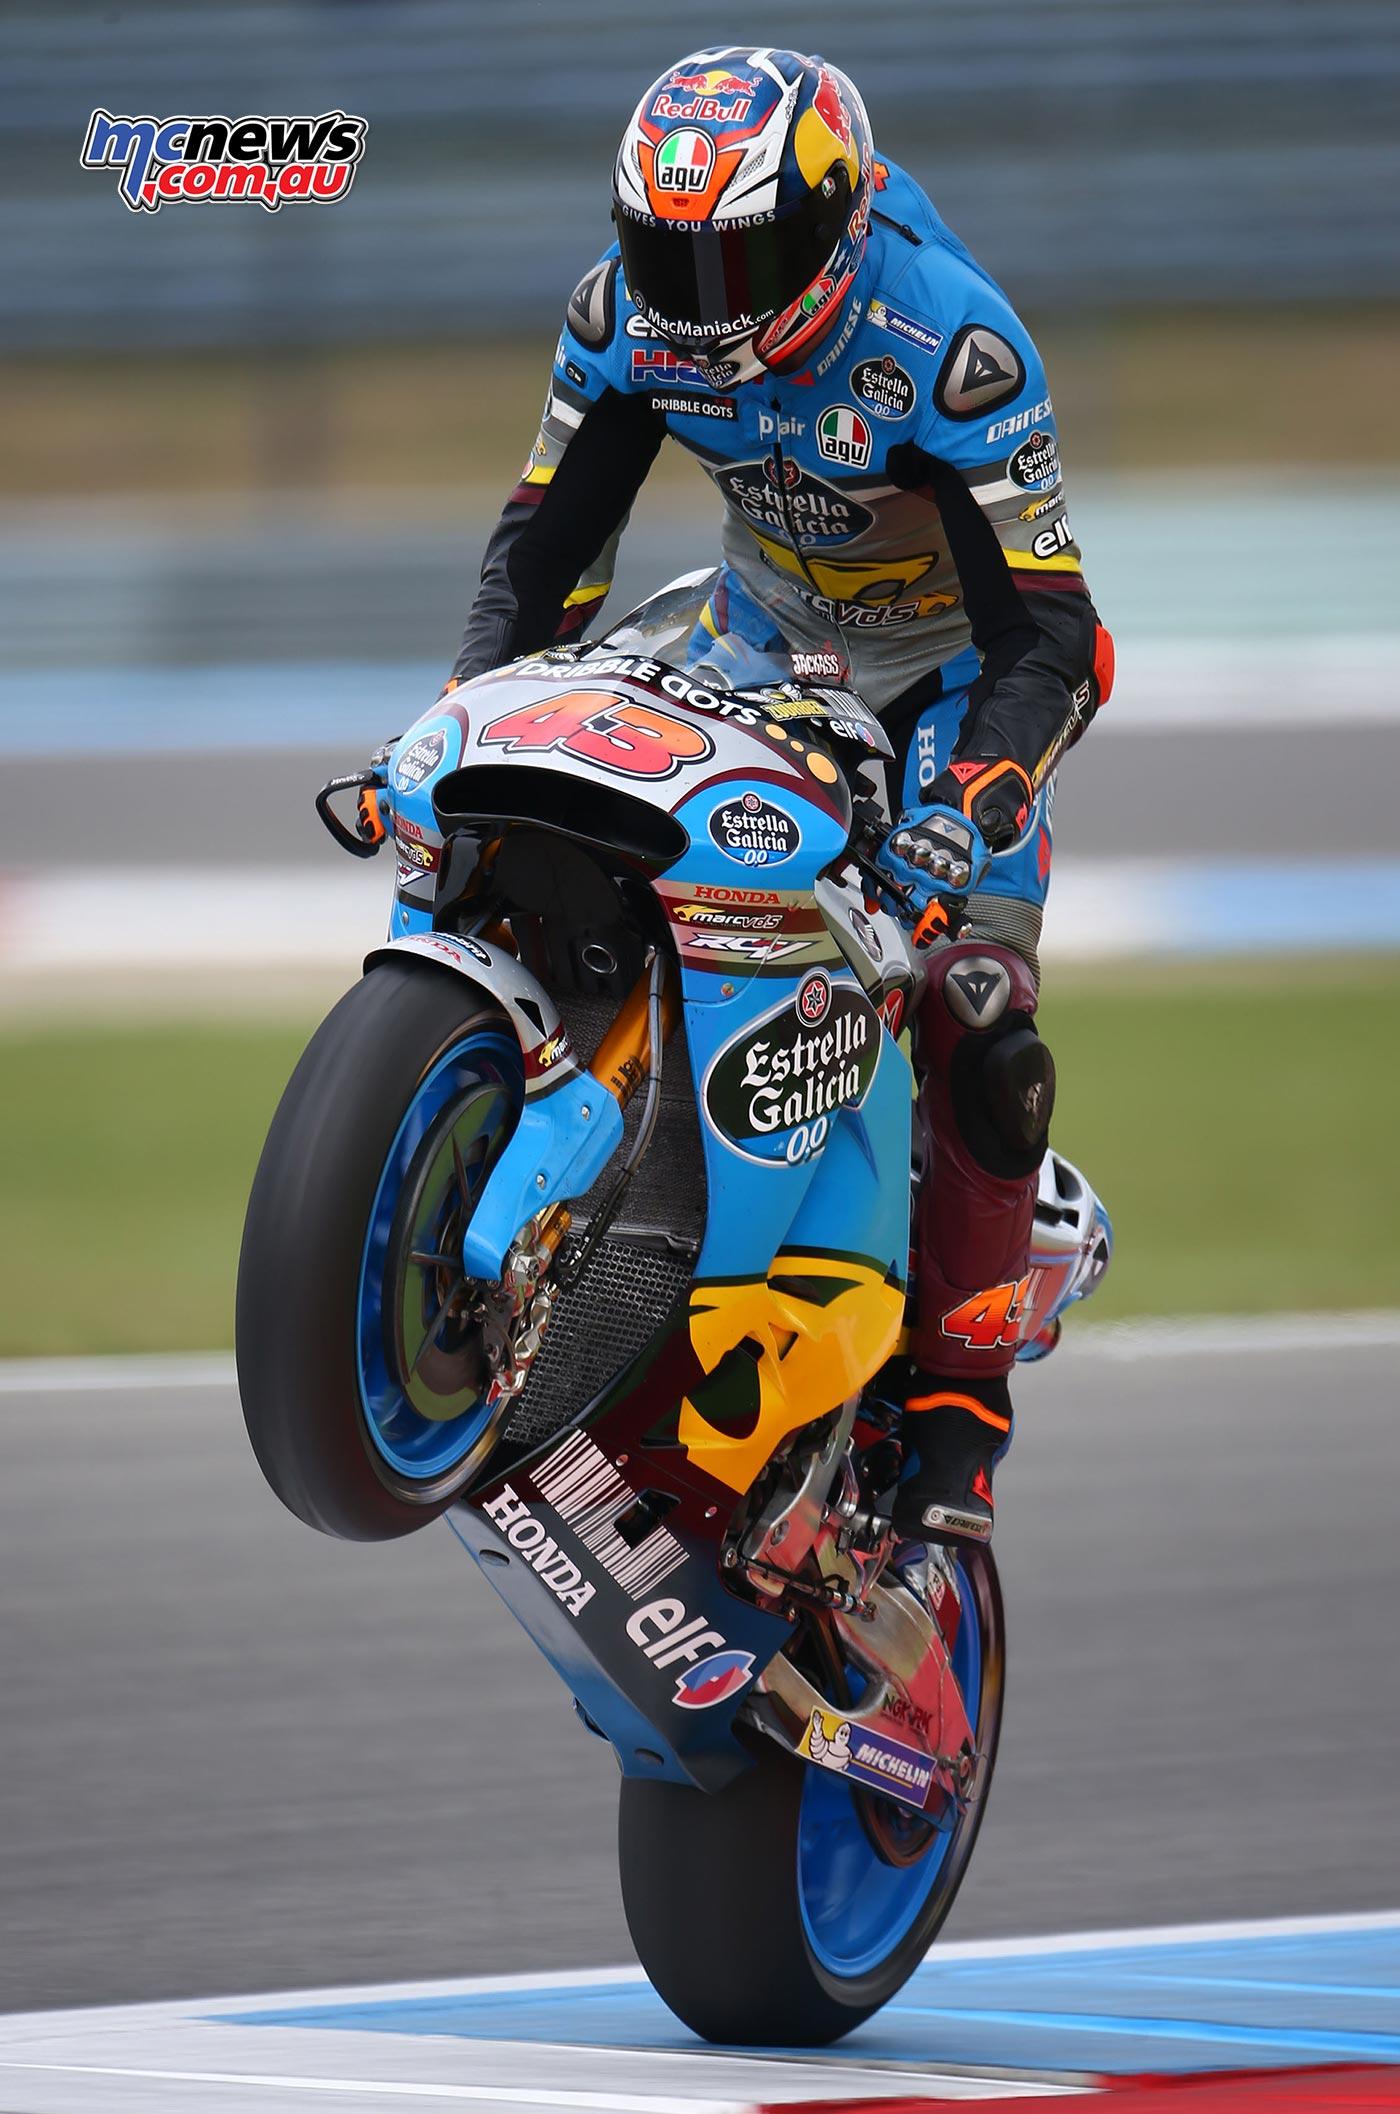 MarcVDS reflect on Jack Miller's Assen MotoGP victory | MCNews.com.au